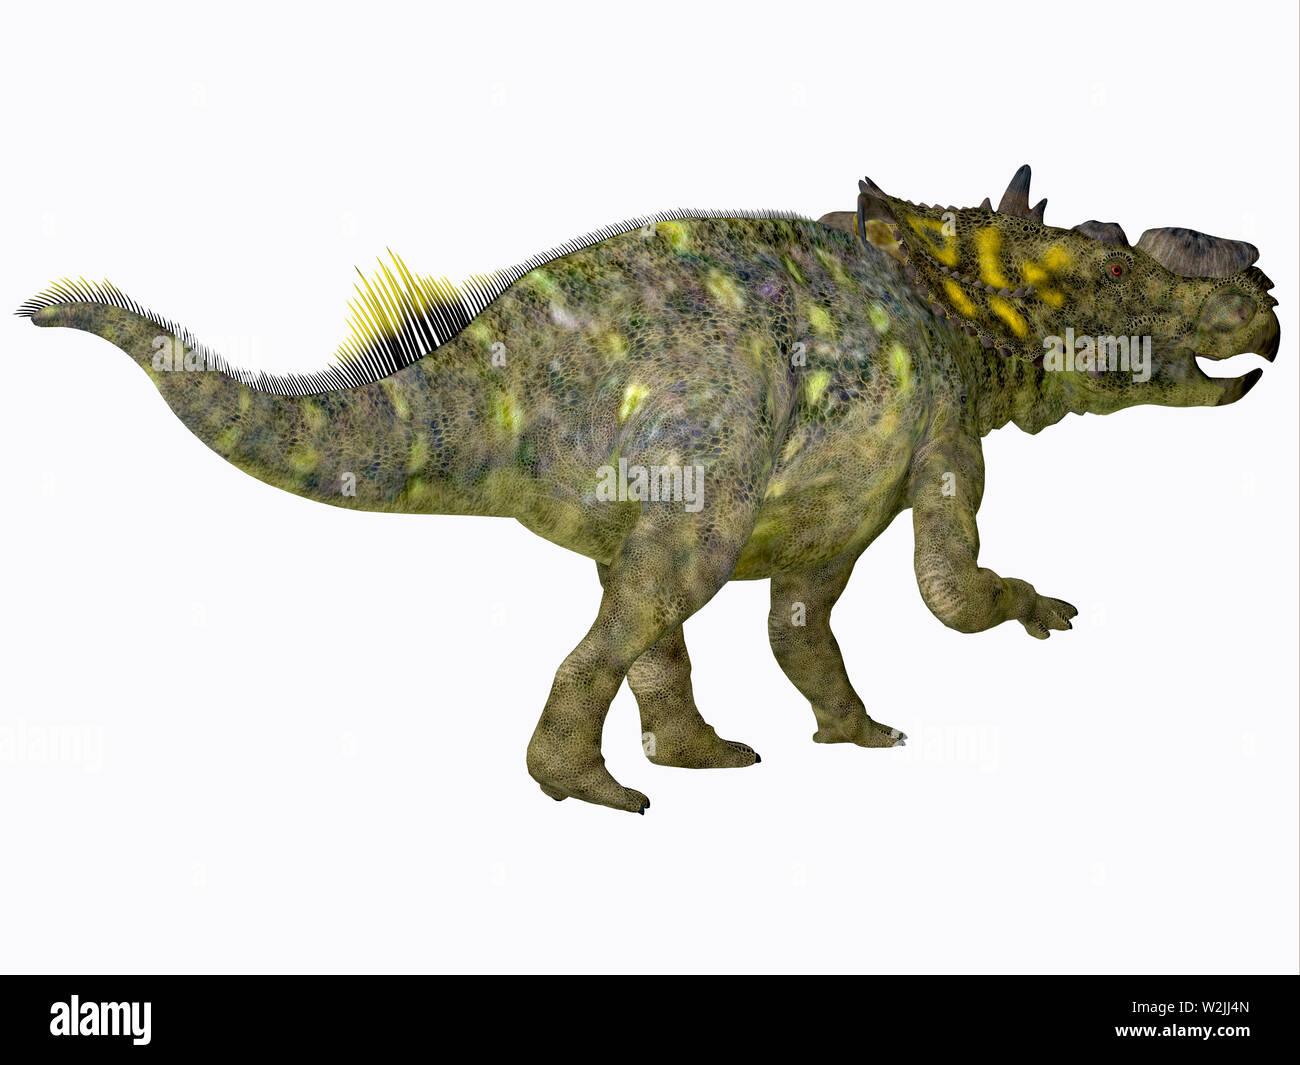 Pachyrhinosaurus - dinosaurios herbívoros Ceratopsian Pachyrhinosaurus fue un dinosaurio picuda que vivieron en Alberta, Canadá durante el período Cretácico. Foto de stock